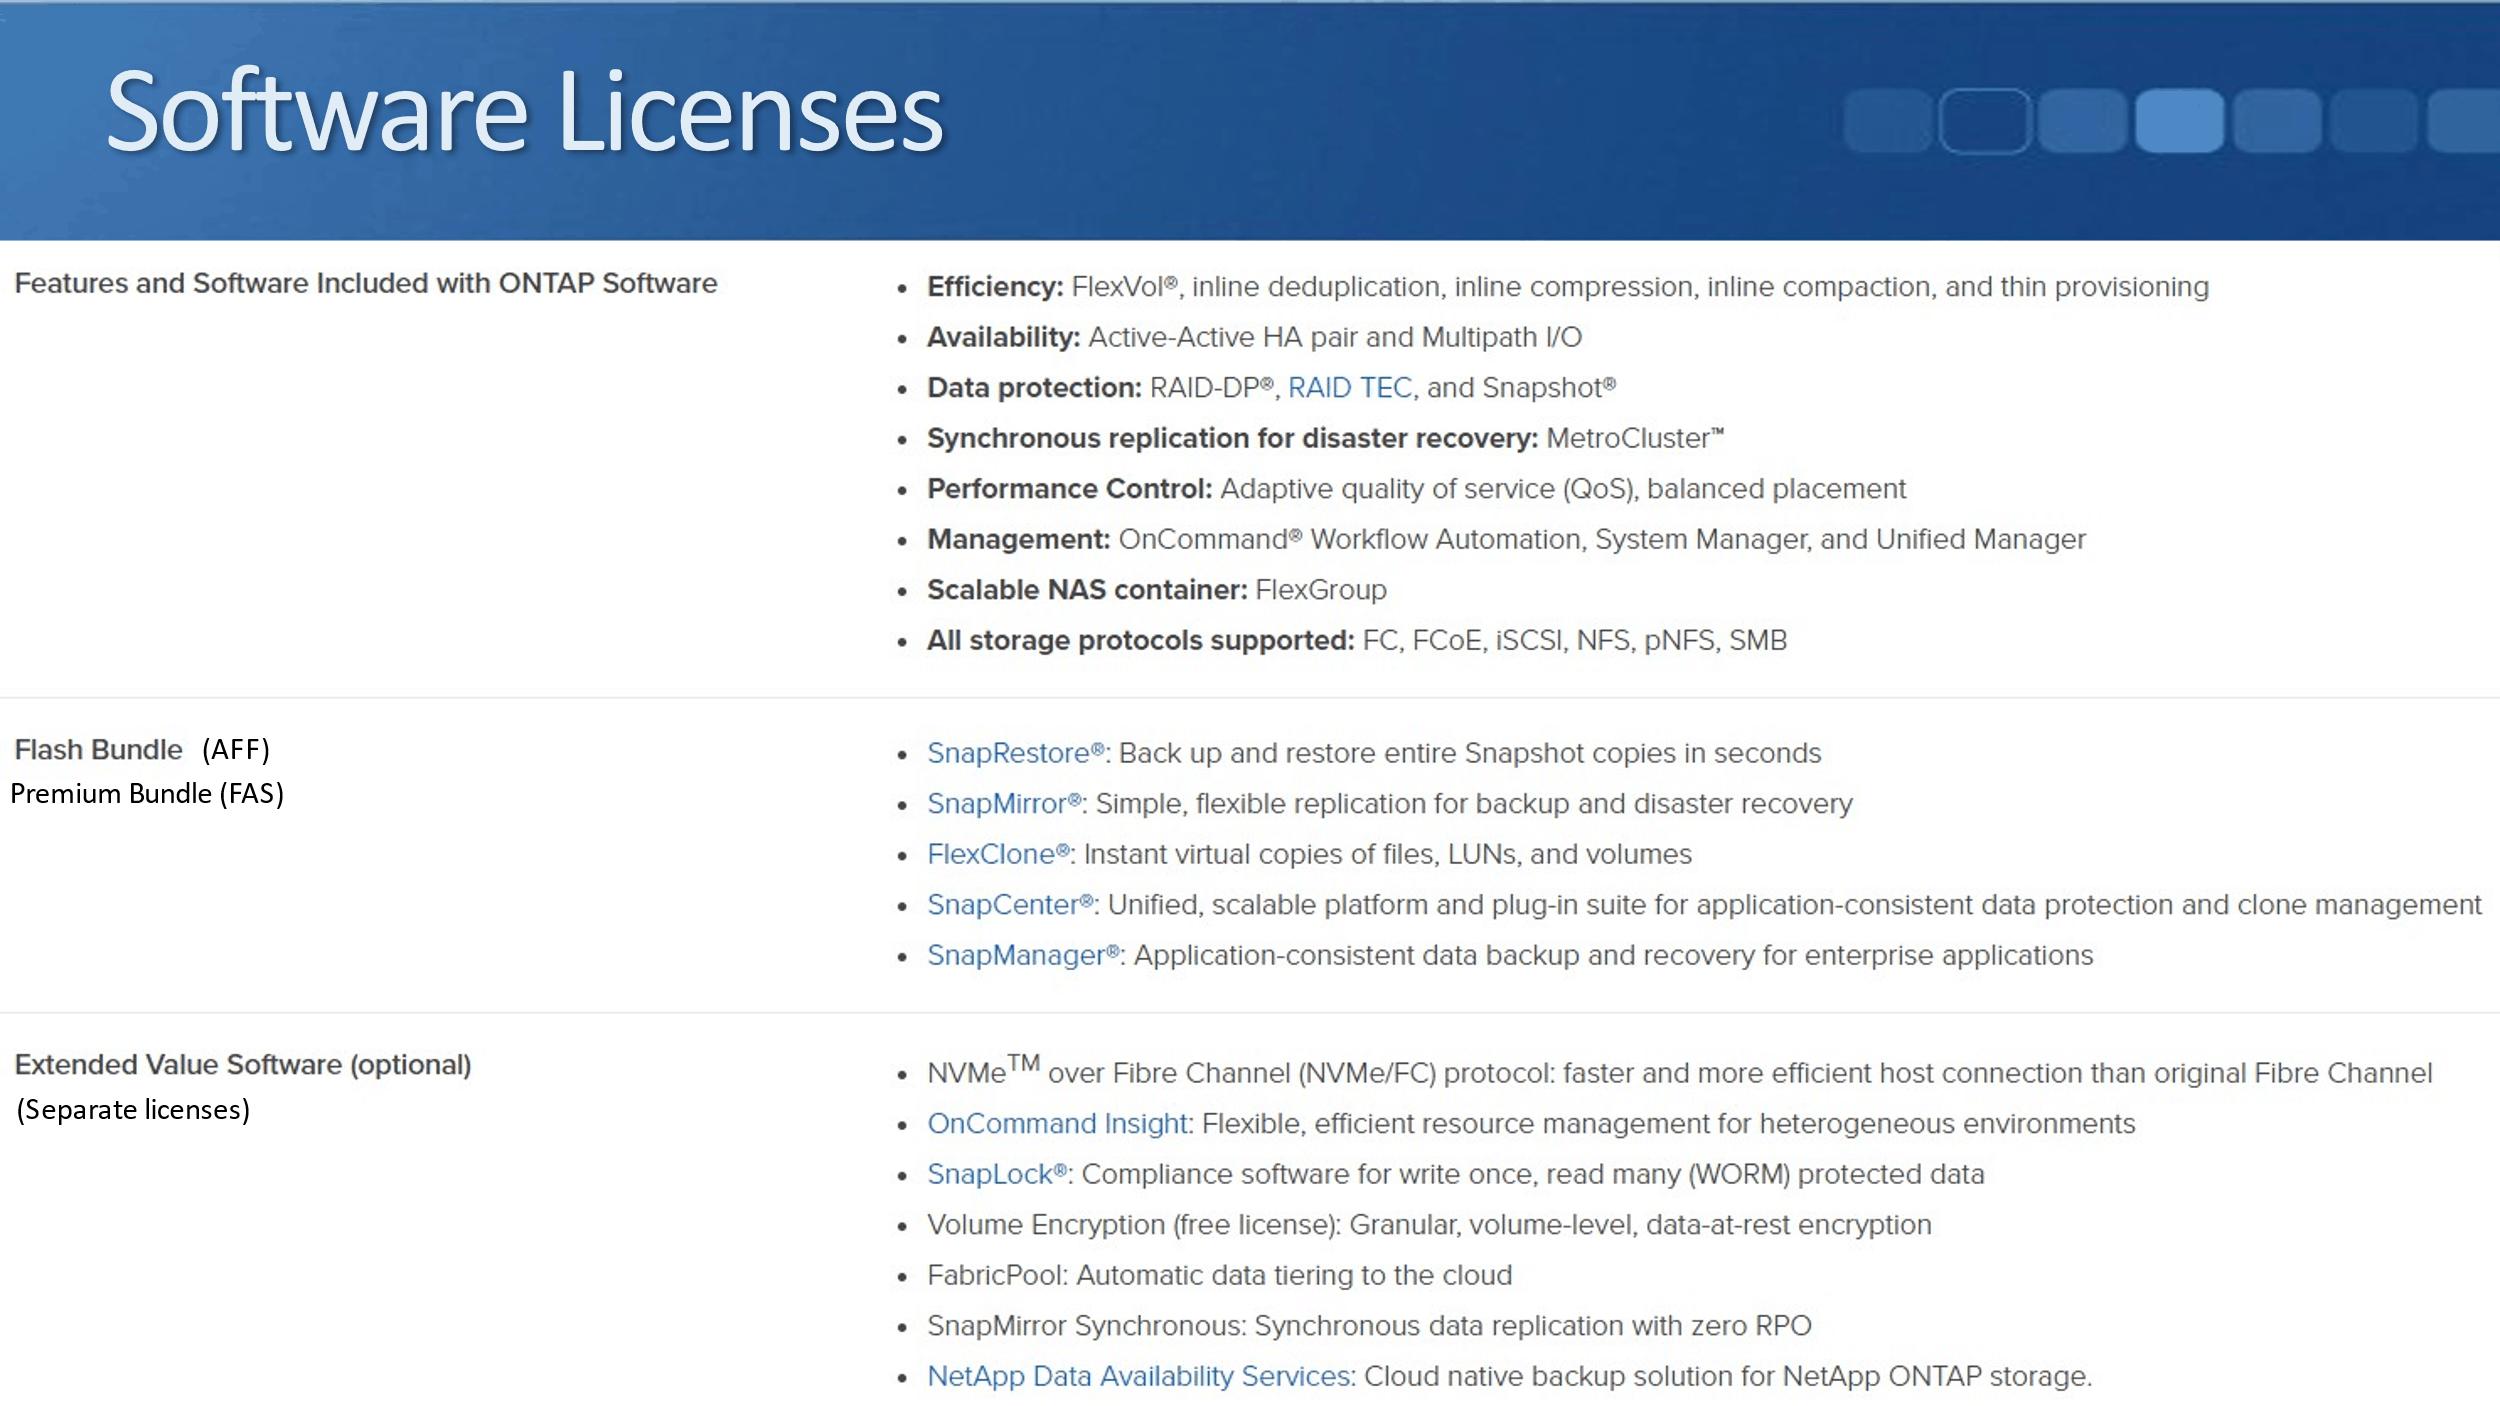 NetApp Licensing